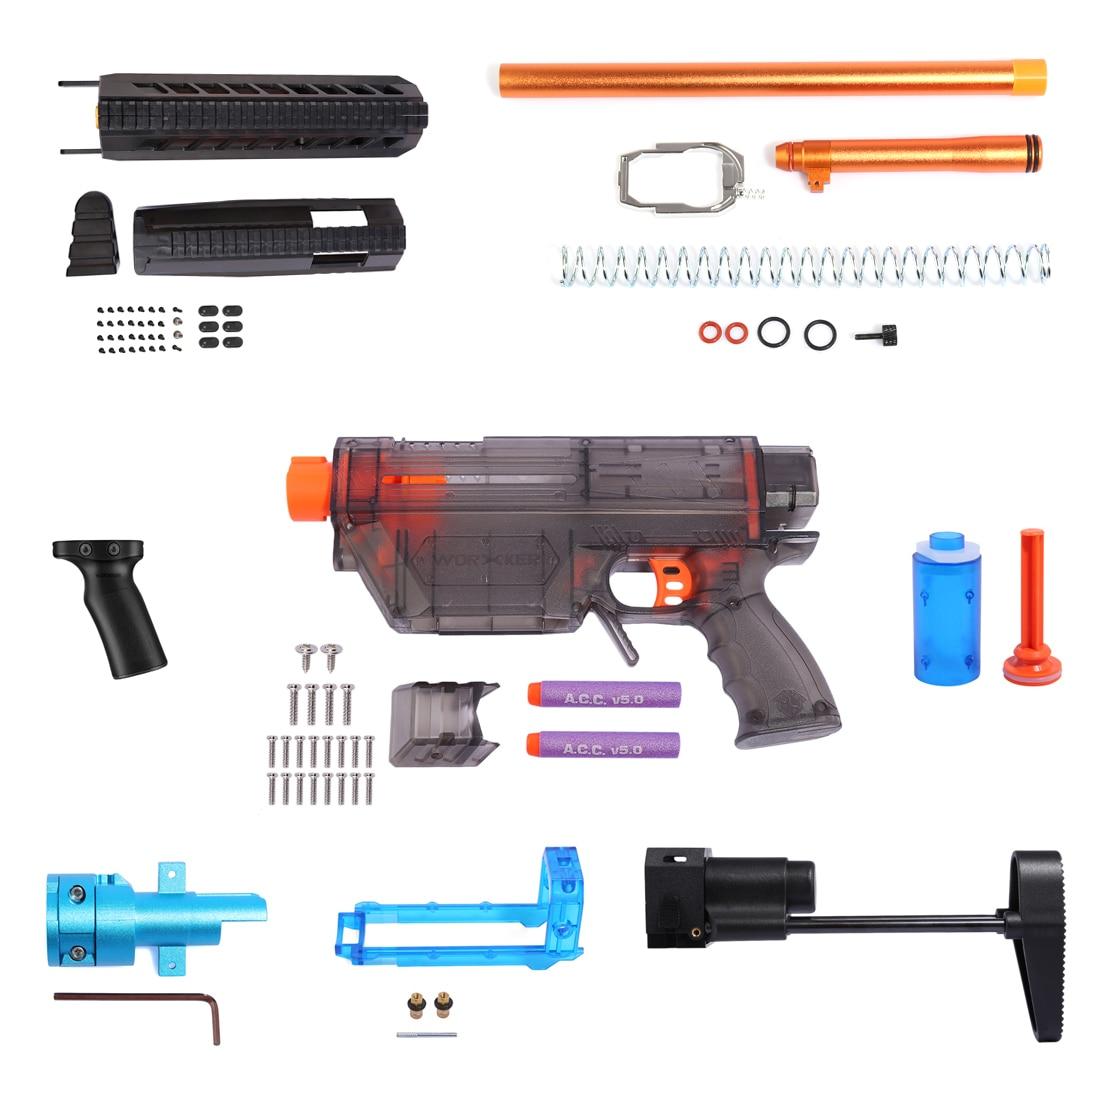 Worker Prophecy R Series Modeling Short Bullet Transformed Kit for Nerf(Power Version) - Transparent Black